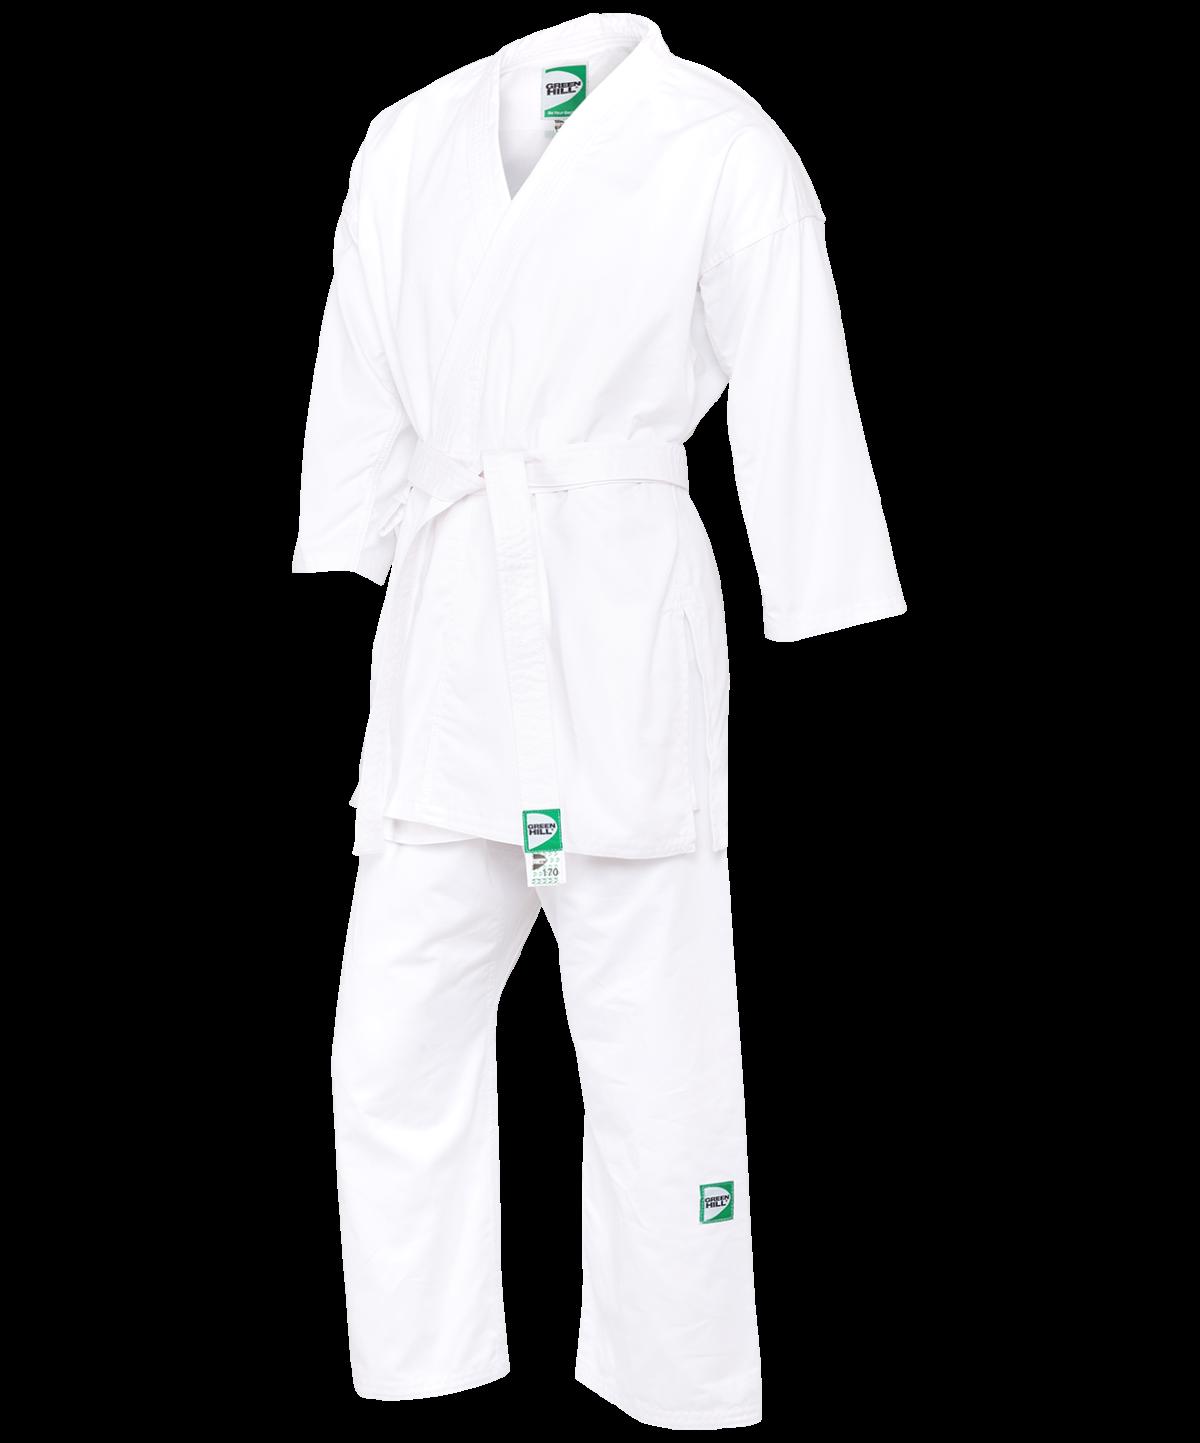 GREEN HILL Кимоно для карате Start 5/180  KSST-10354 - 1